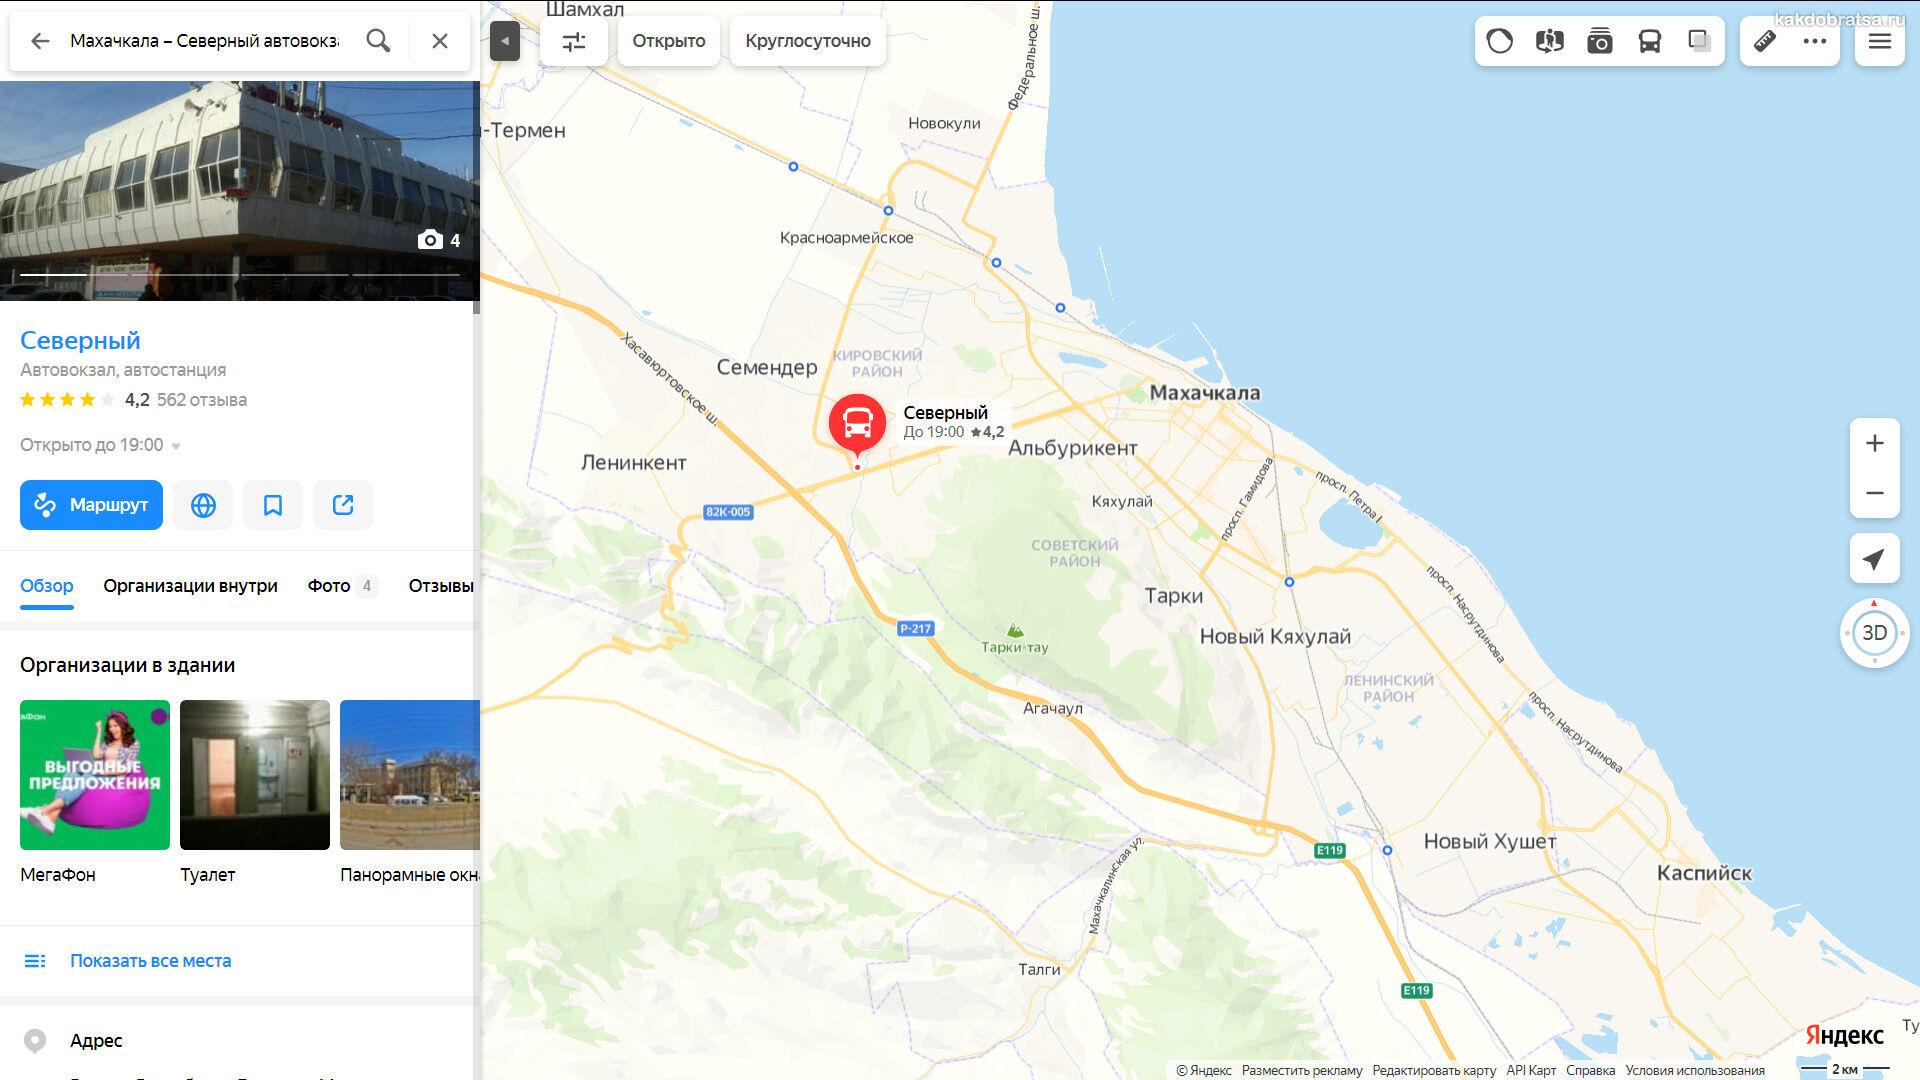 Северный автовокзал Махачкалы на карте